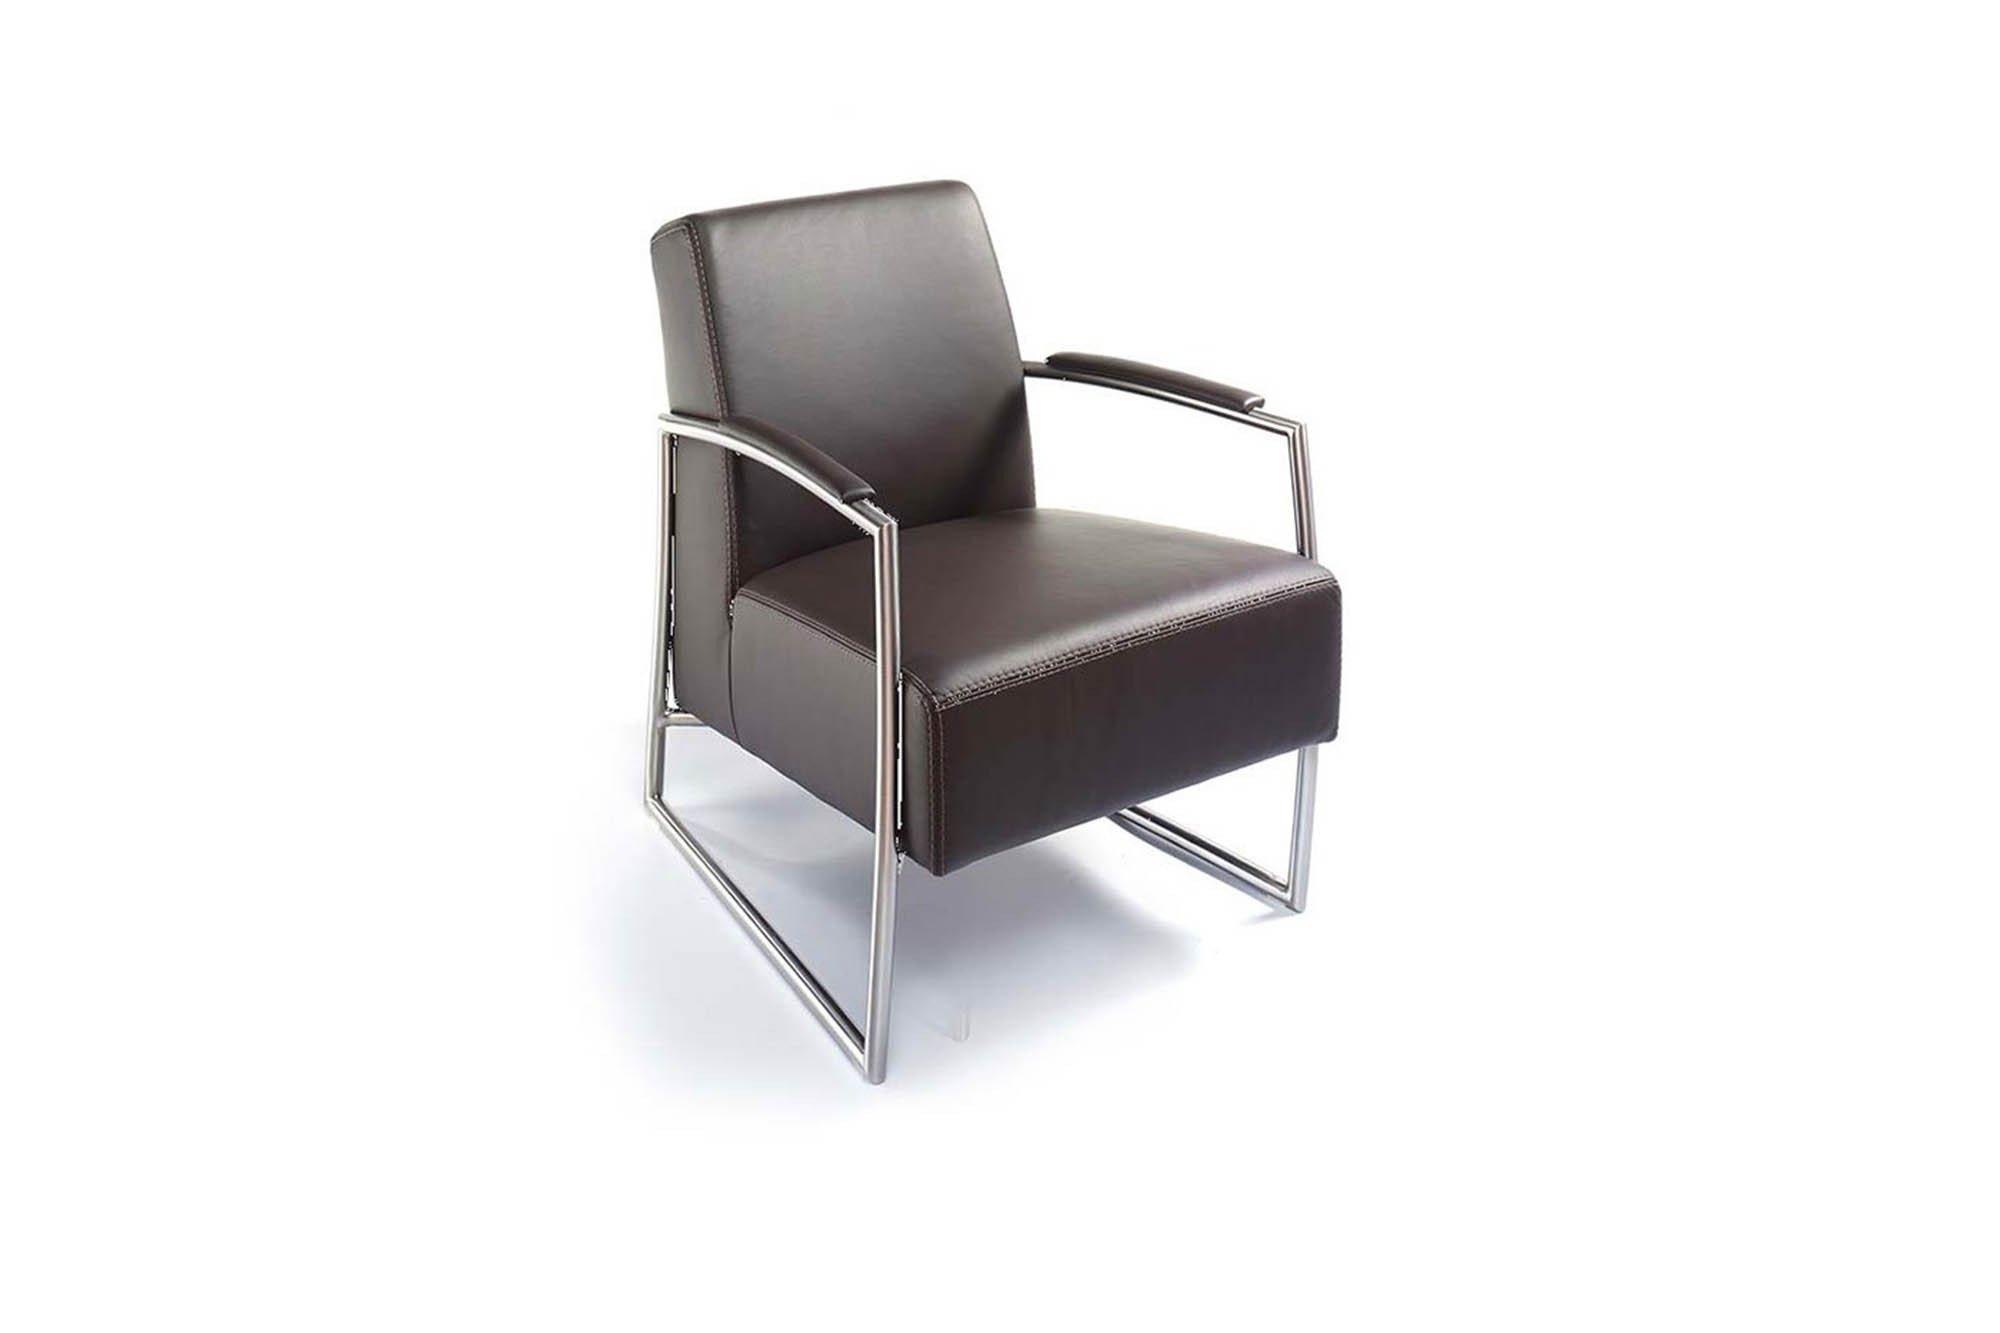 k w polsterm bel konstantin sessel schwarz m bel letz ihr online shop. Black Bedroom Furniture Sets. Home Design Ideas